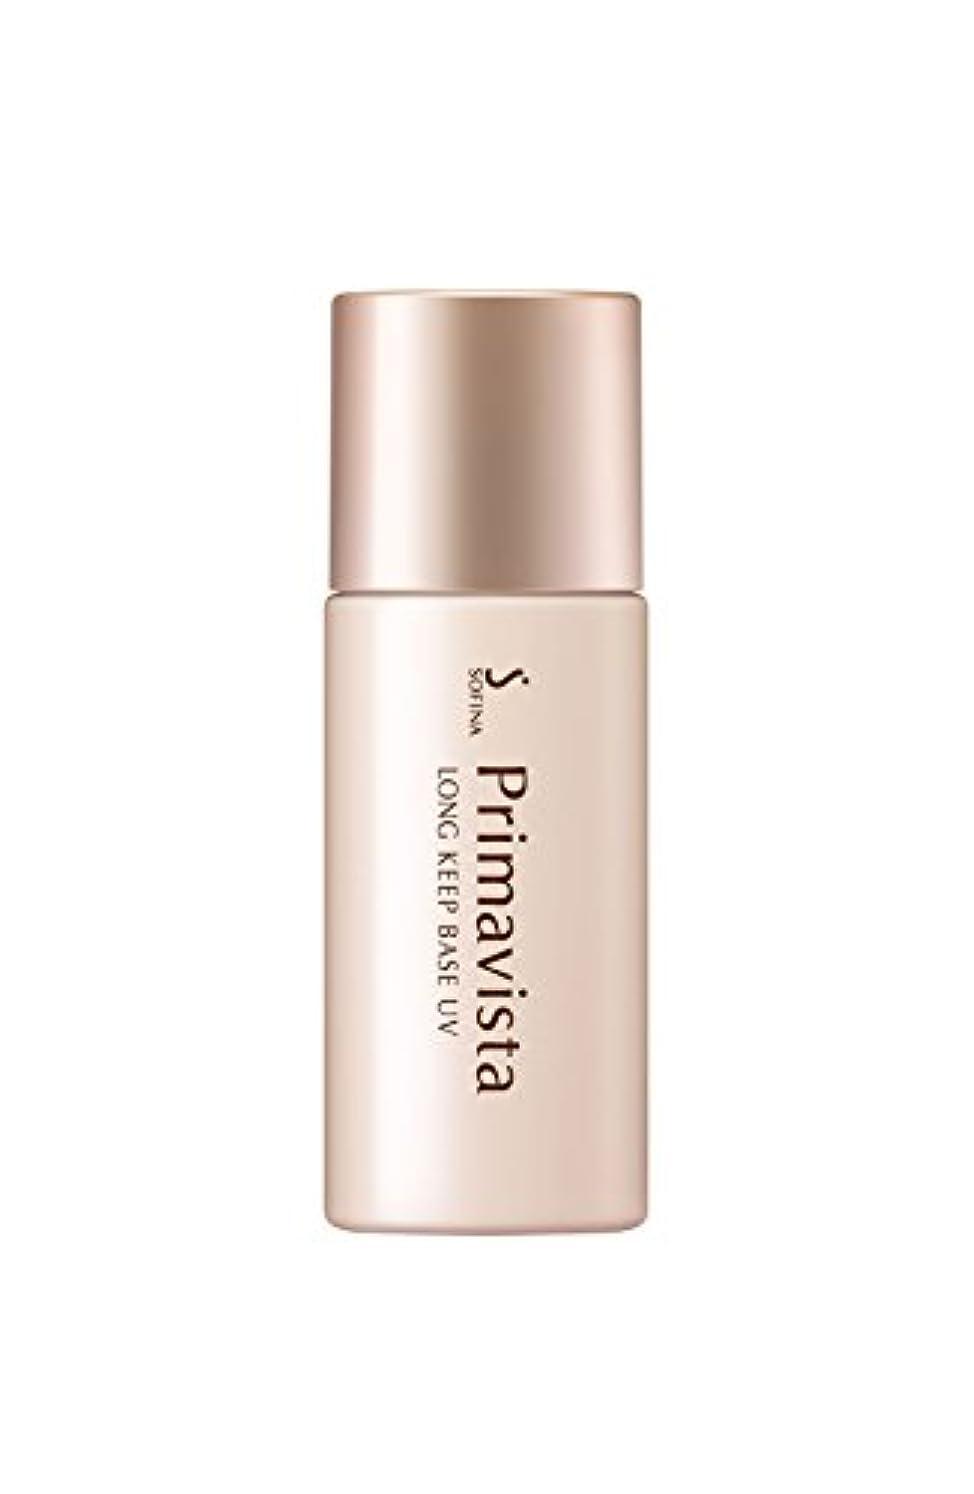 政治家のやけど活性化するプリマヴィスタ 皮脂くずれ防止化粧下地UV SPF20 PA++